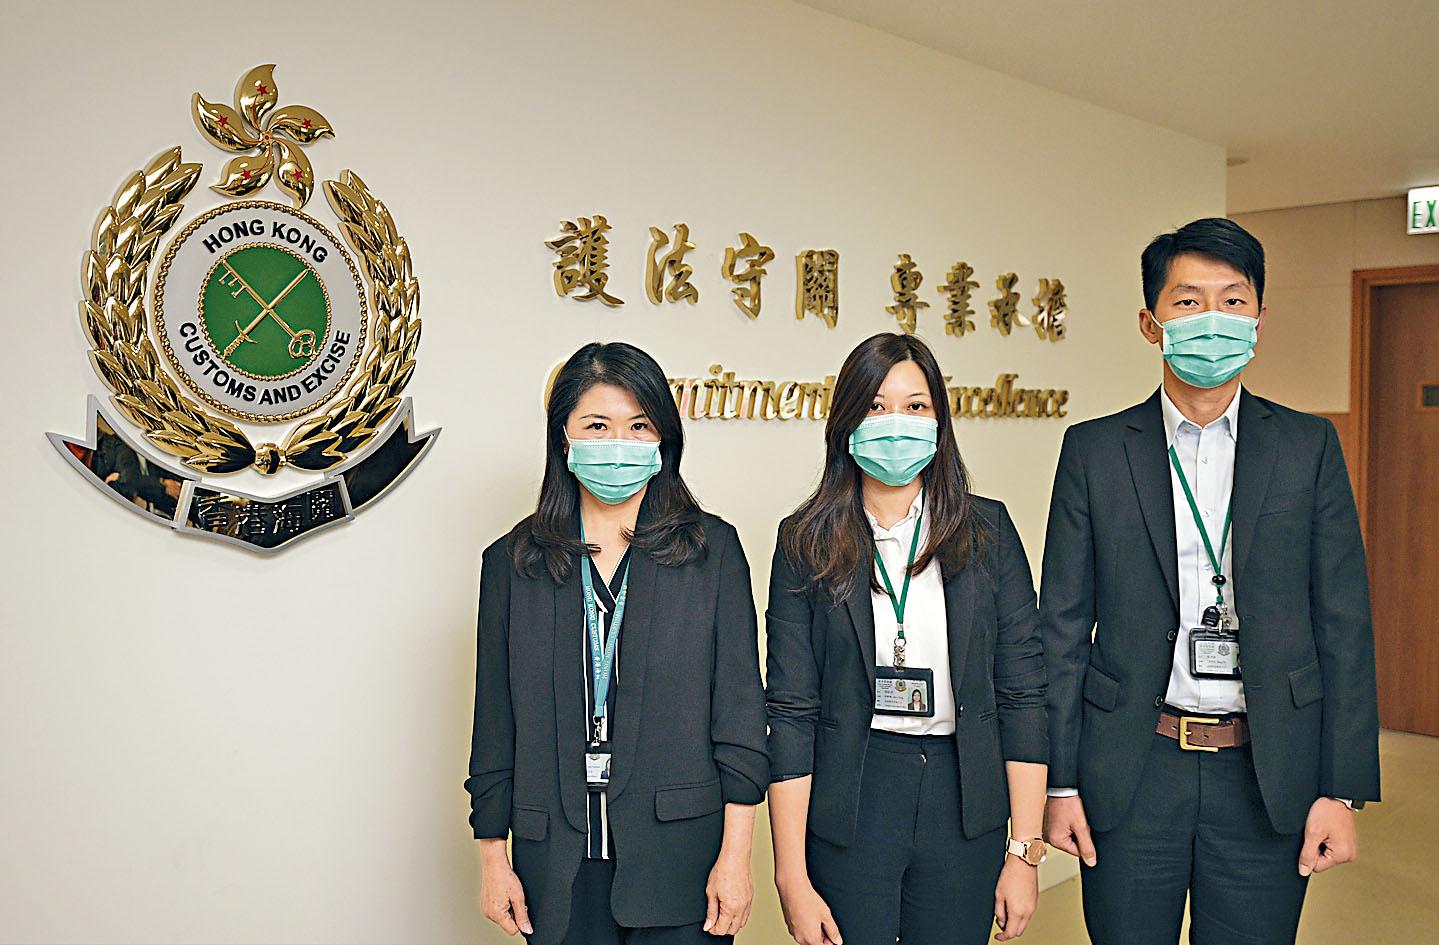 貿易管制主任課程資歷「升級」 | 多倫多 | 加拿大中文新聞網 - 加拿大星島日報 Canada Chinese News